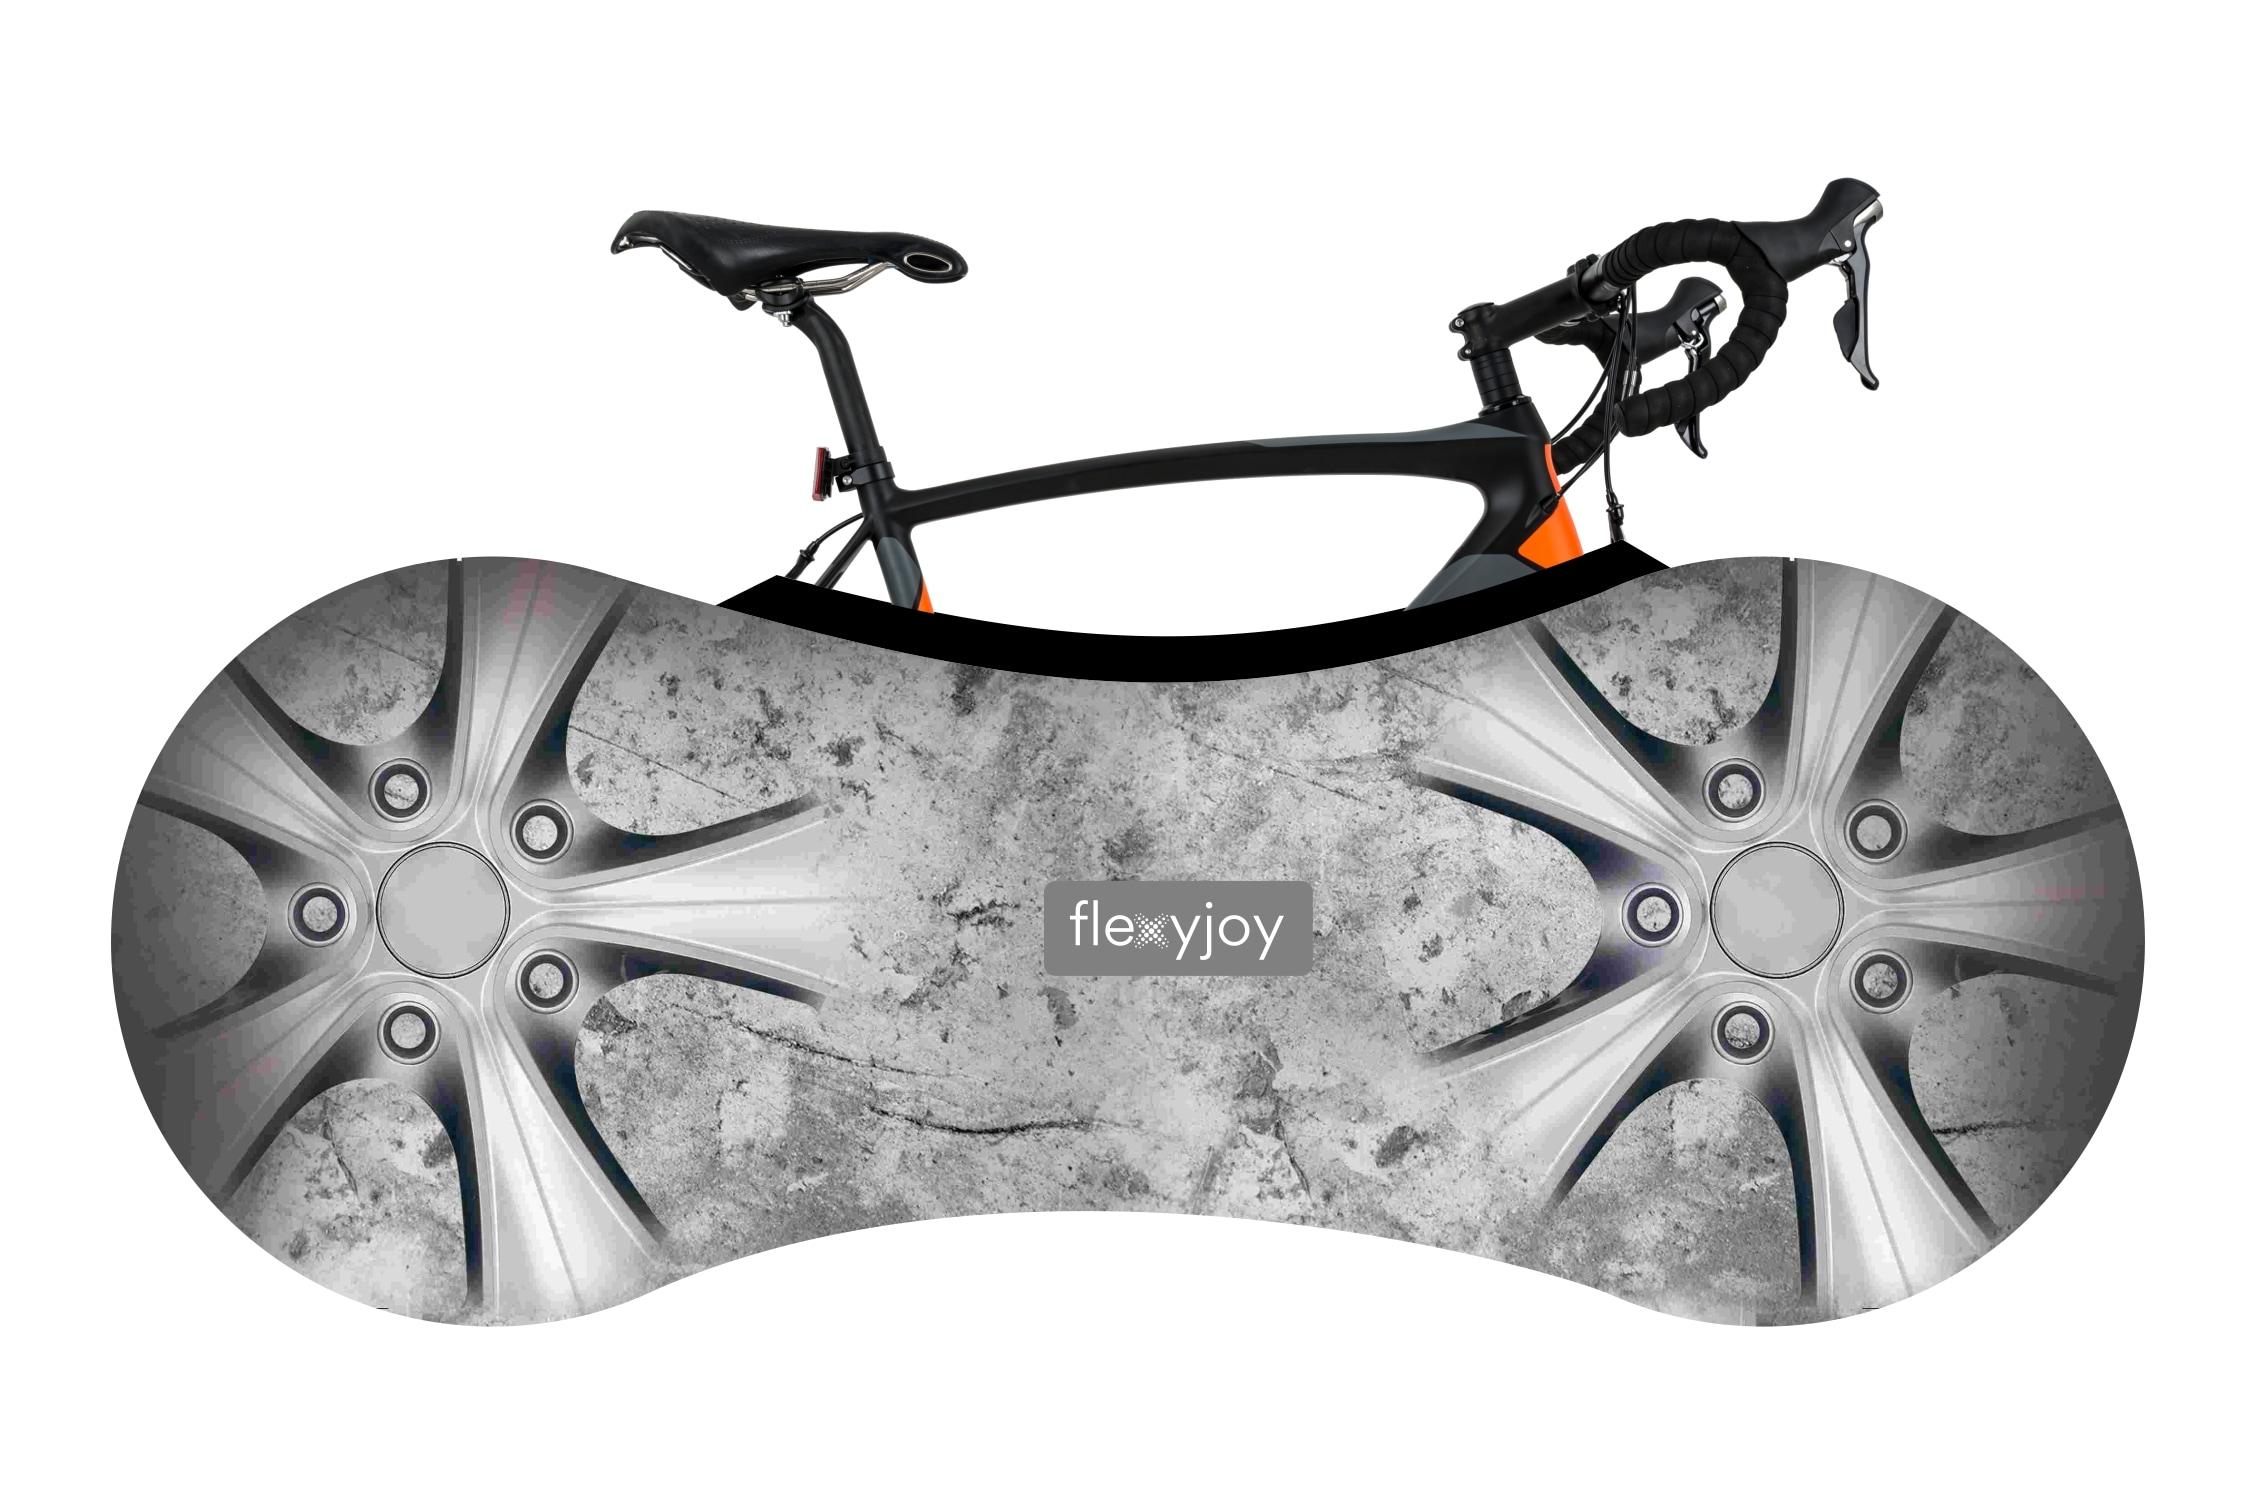 Flexyjoy sykkeltrekk